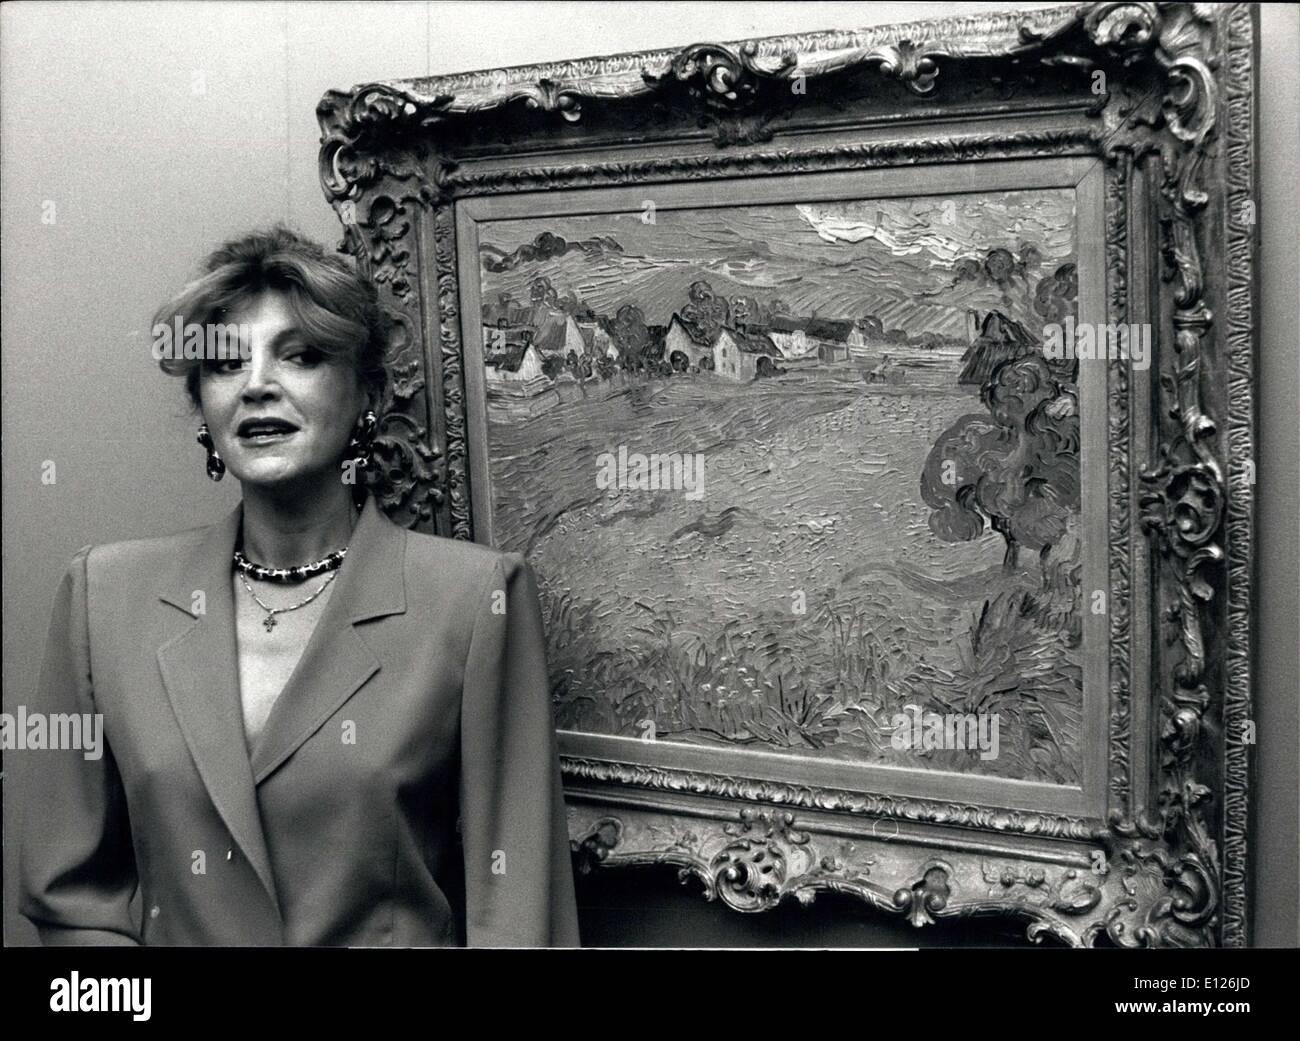 """Apr. 11, 1990 - Impressionisti e post-impressionisti; ''Impressionismo e Post Impressionismo"""" che è il tema di una mostra a Lugano/Svizzera con più di 50 dipinti, tutti di loro parte della Collezione Thyssen. La mostra si svolge dal 01 aprile al 08 luglio nella Villa favorita. La foto mostra la baronessa di Thyssen Bornemisza e il Museo Van Gogh è ''Les Vessenots a Auvers' Immagini Stock"""